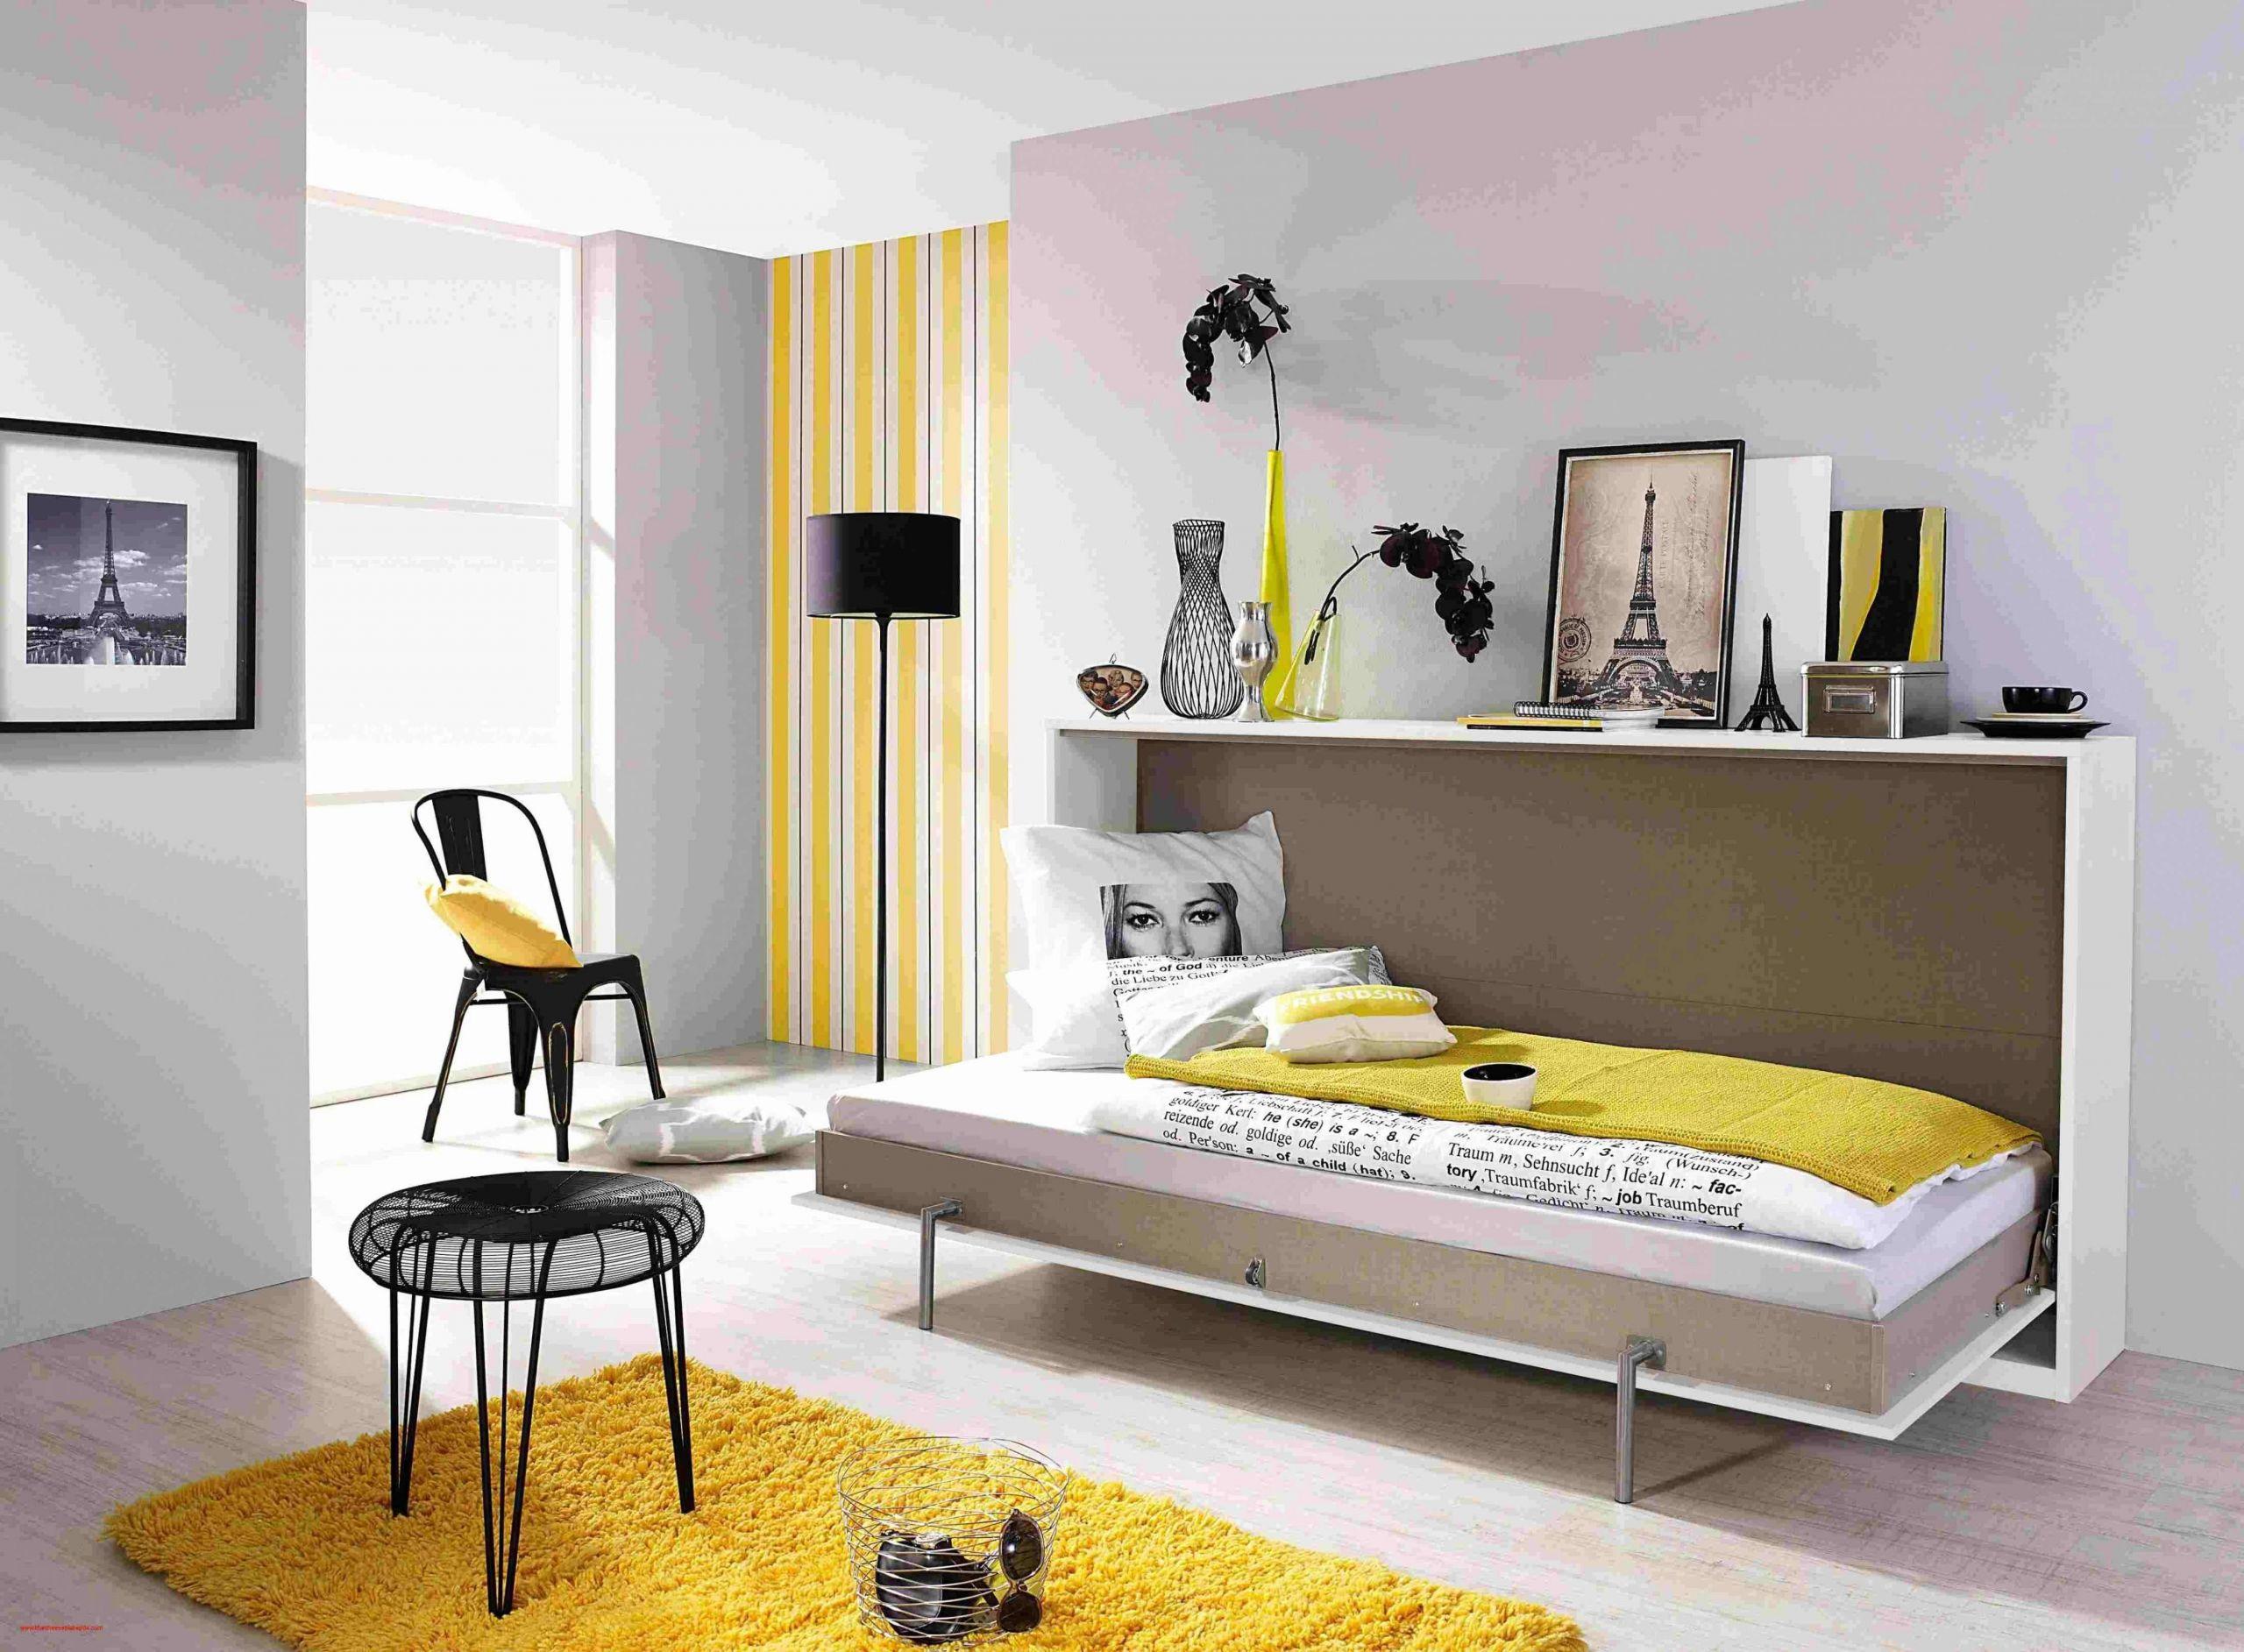 doppeltur wohnzimmer schon new schrank fur wohnzimmer ideas of doppeltur wohnzimmer